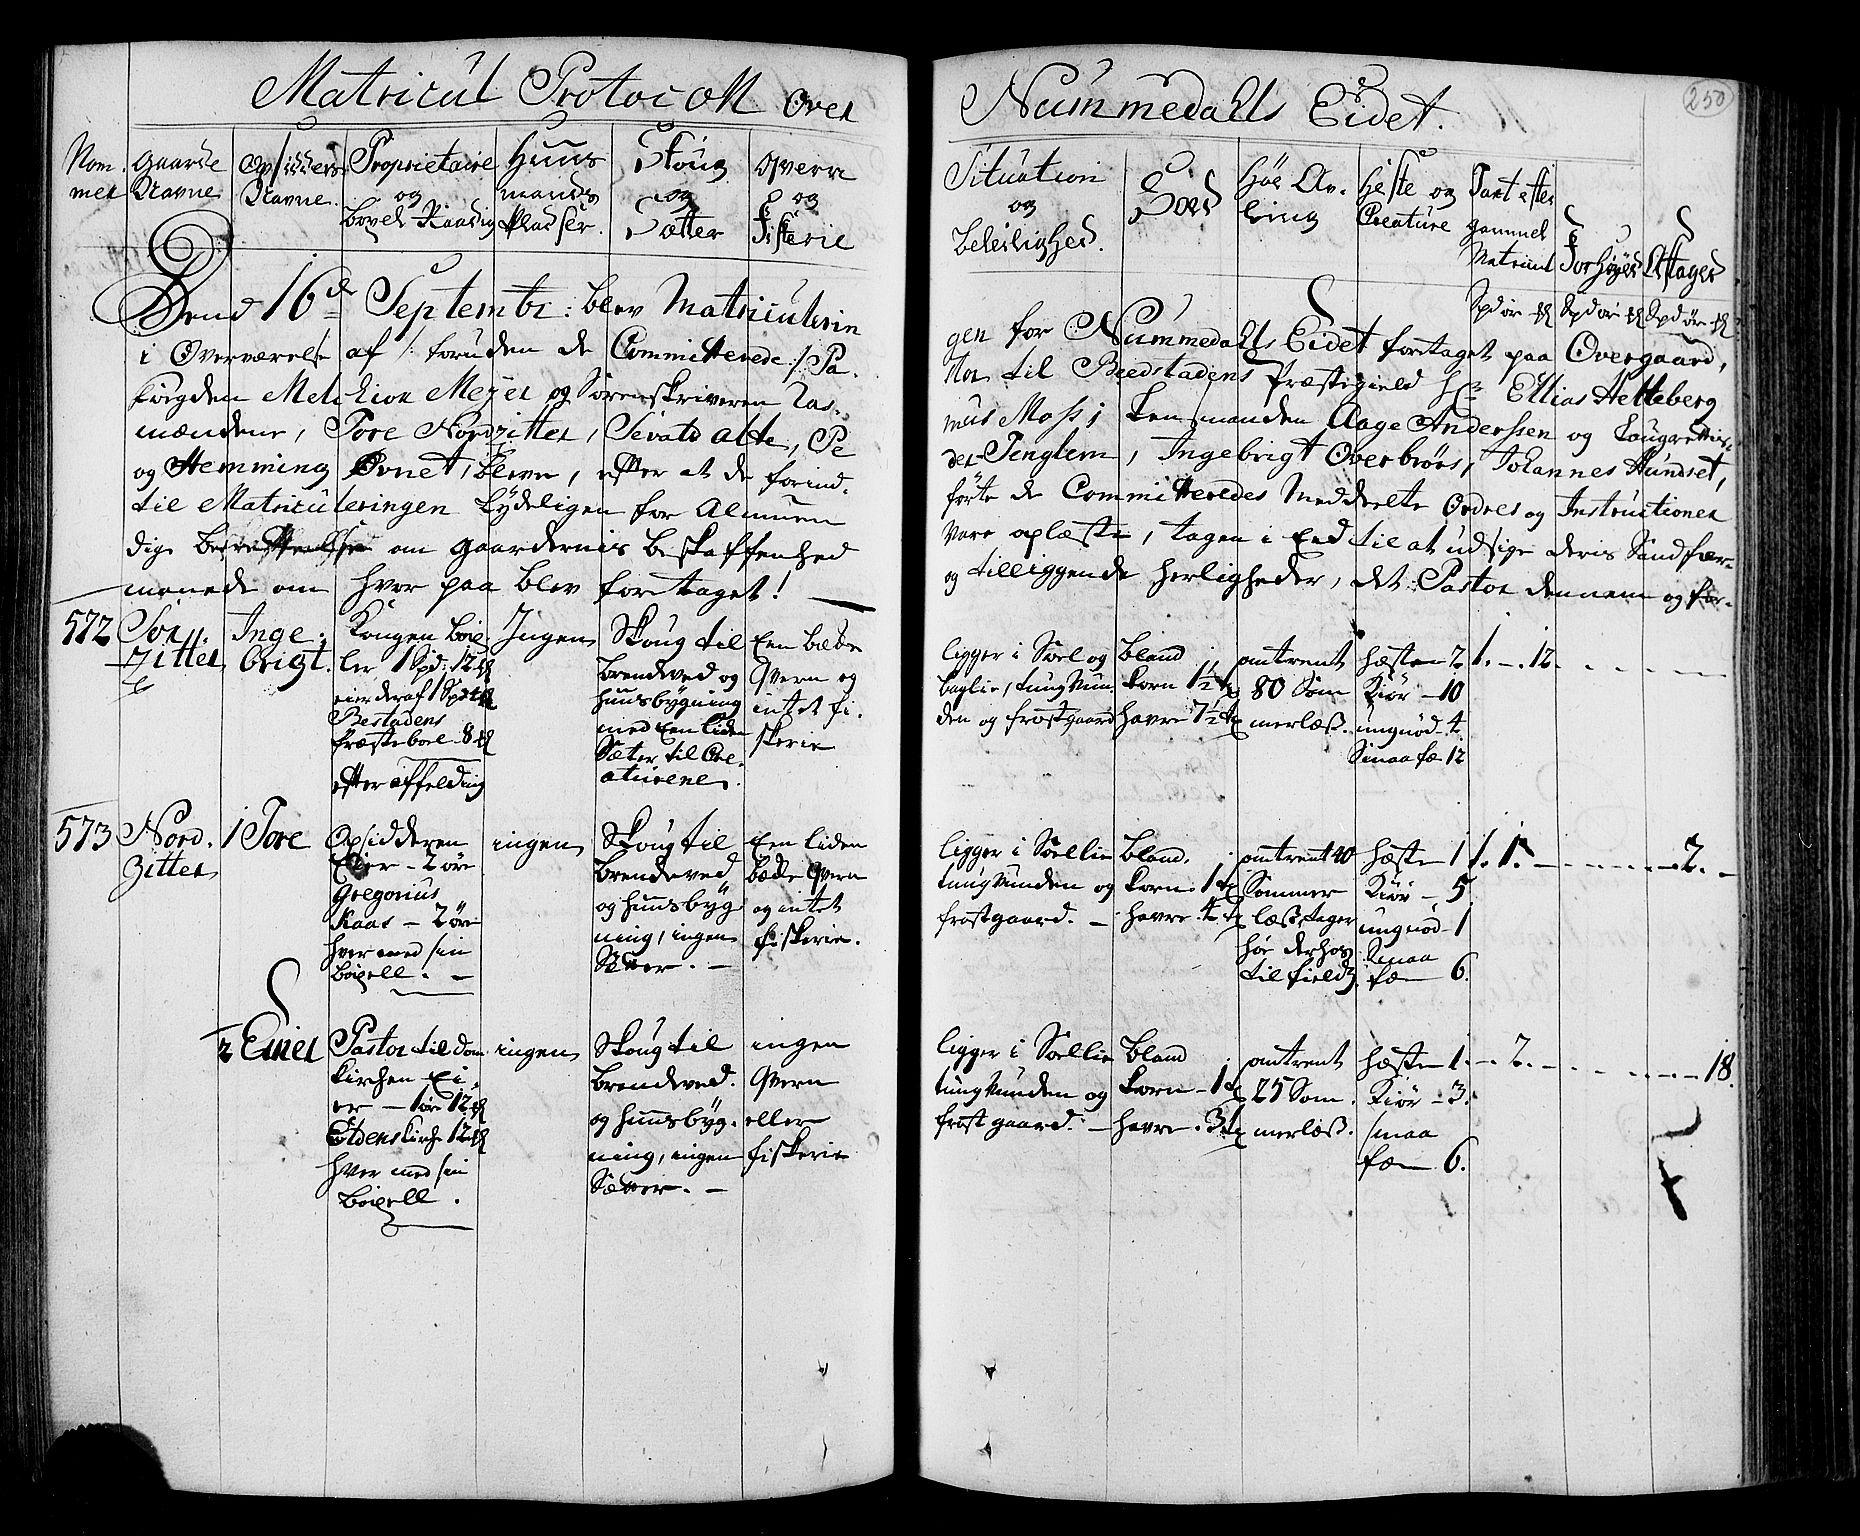 RA, Rentekammeret inntil 1814, Realistisk ordnet avdeling, N/Nb/Nbf/L0168: Namdalen eksaminasjonsprotokoll, 1723, s. 249b-250a